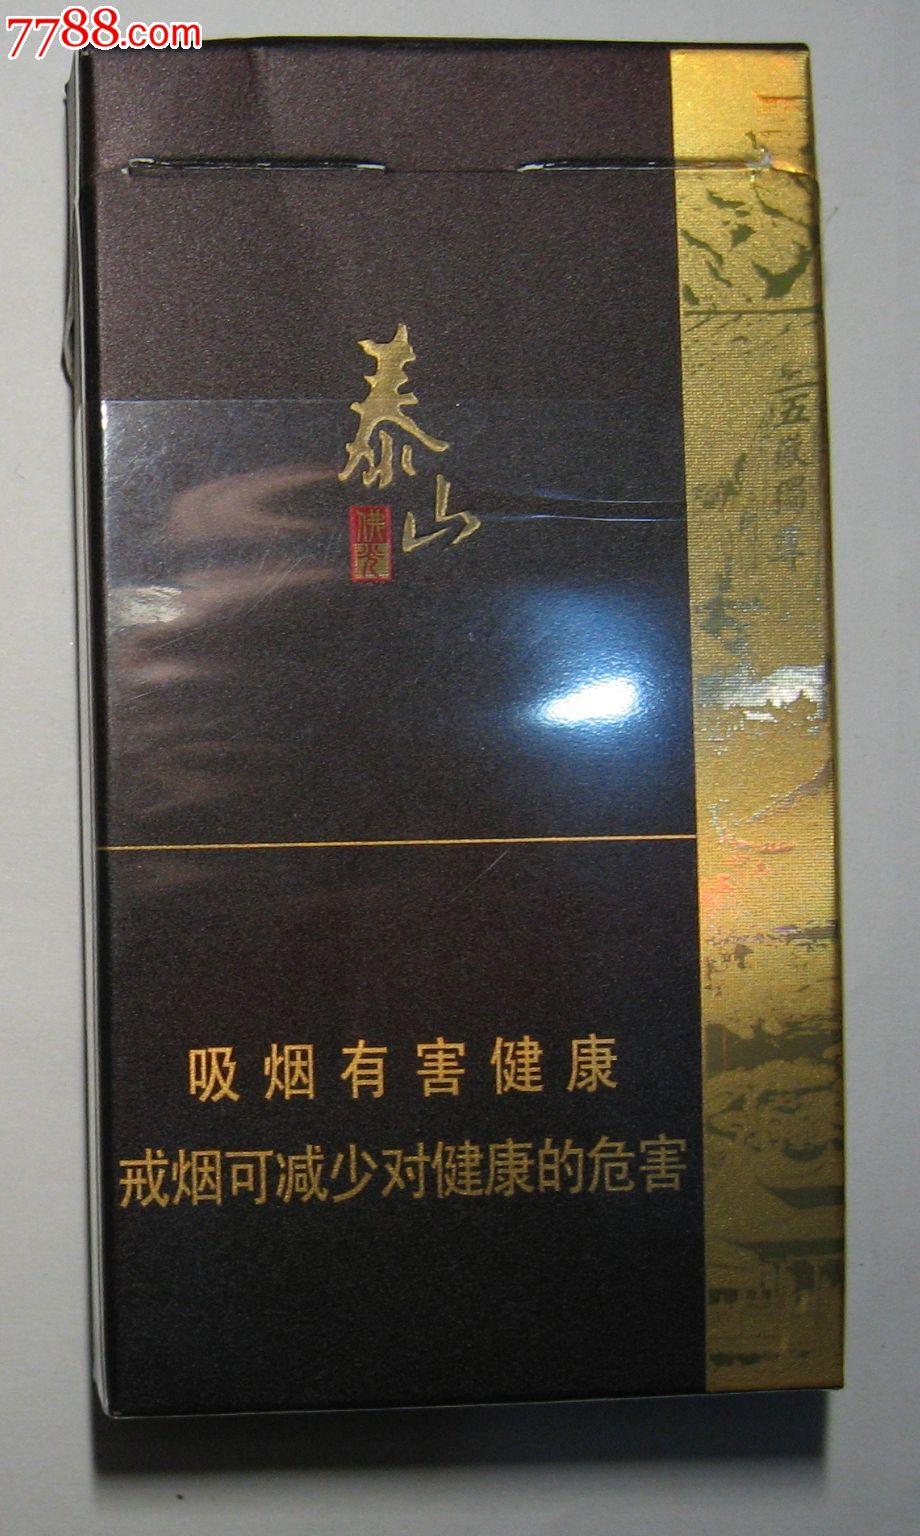 佛光泰山3d_价格10元【聚趣斋】_第2张